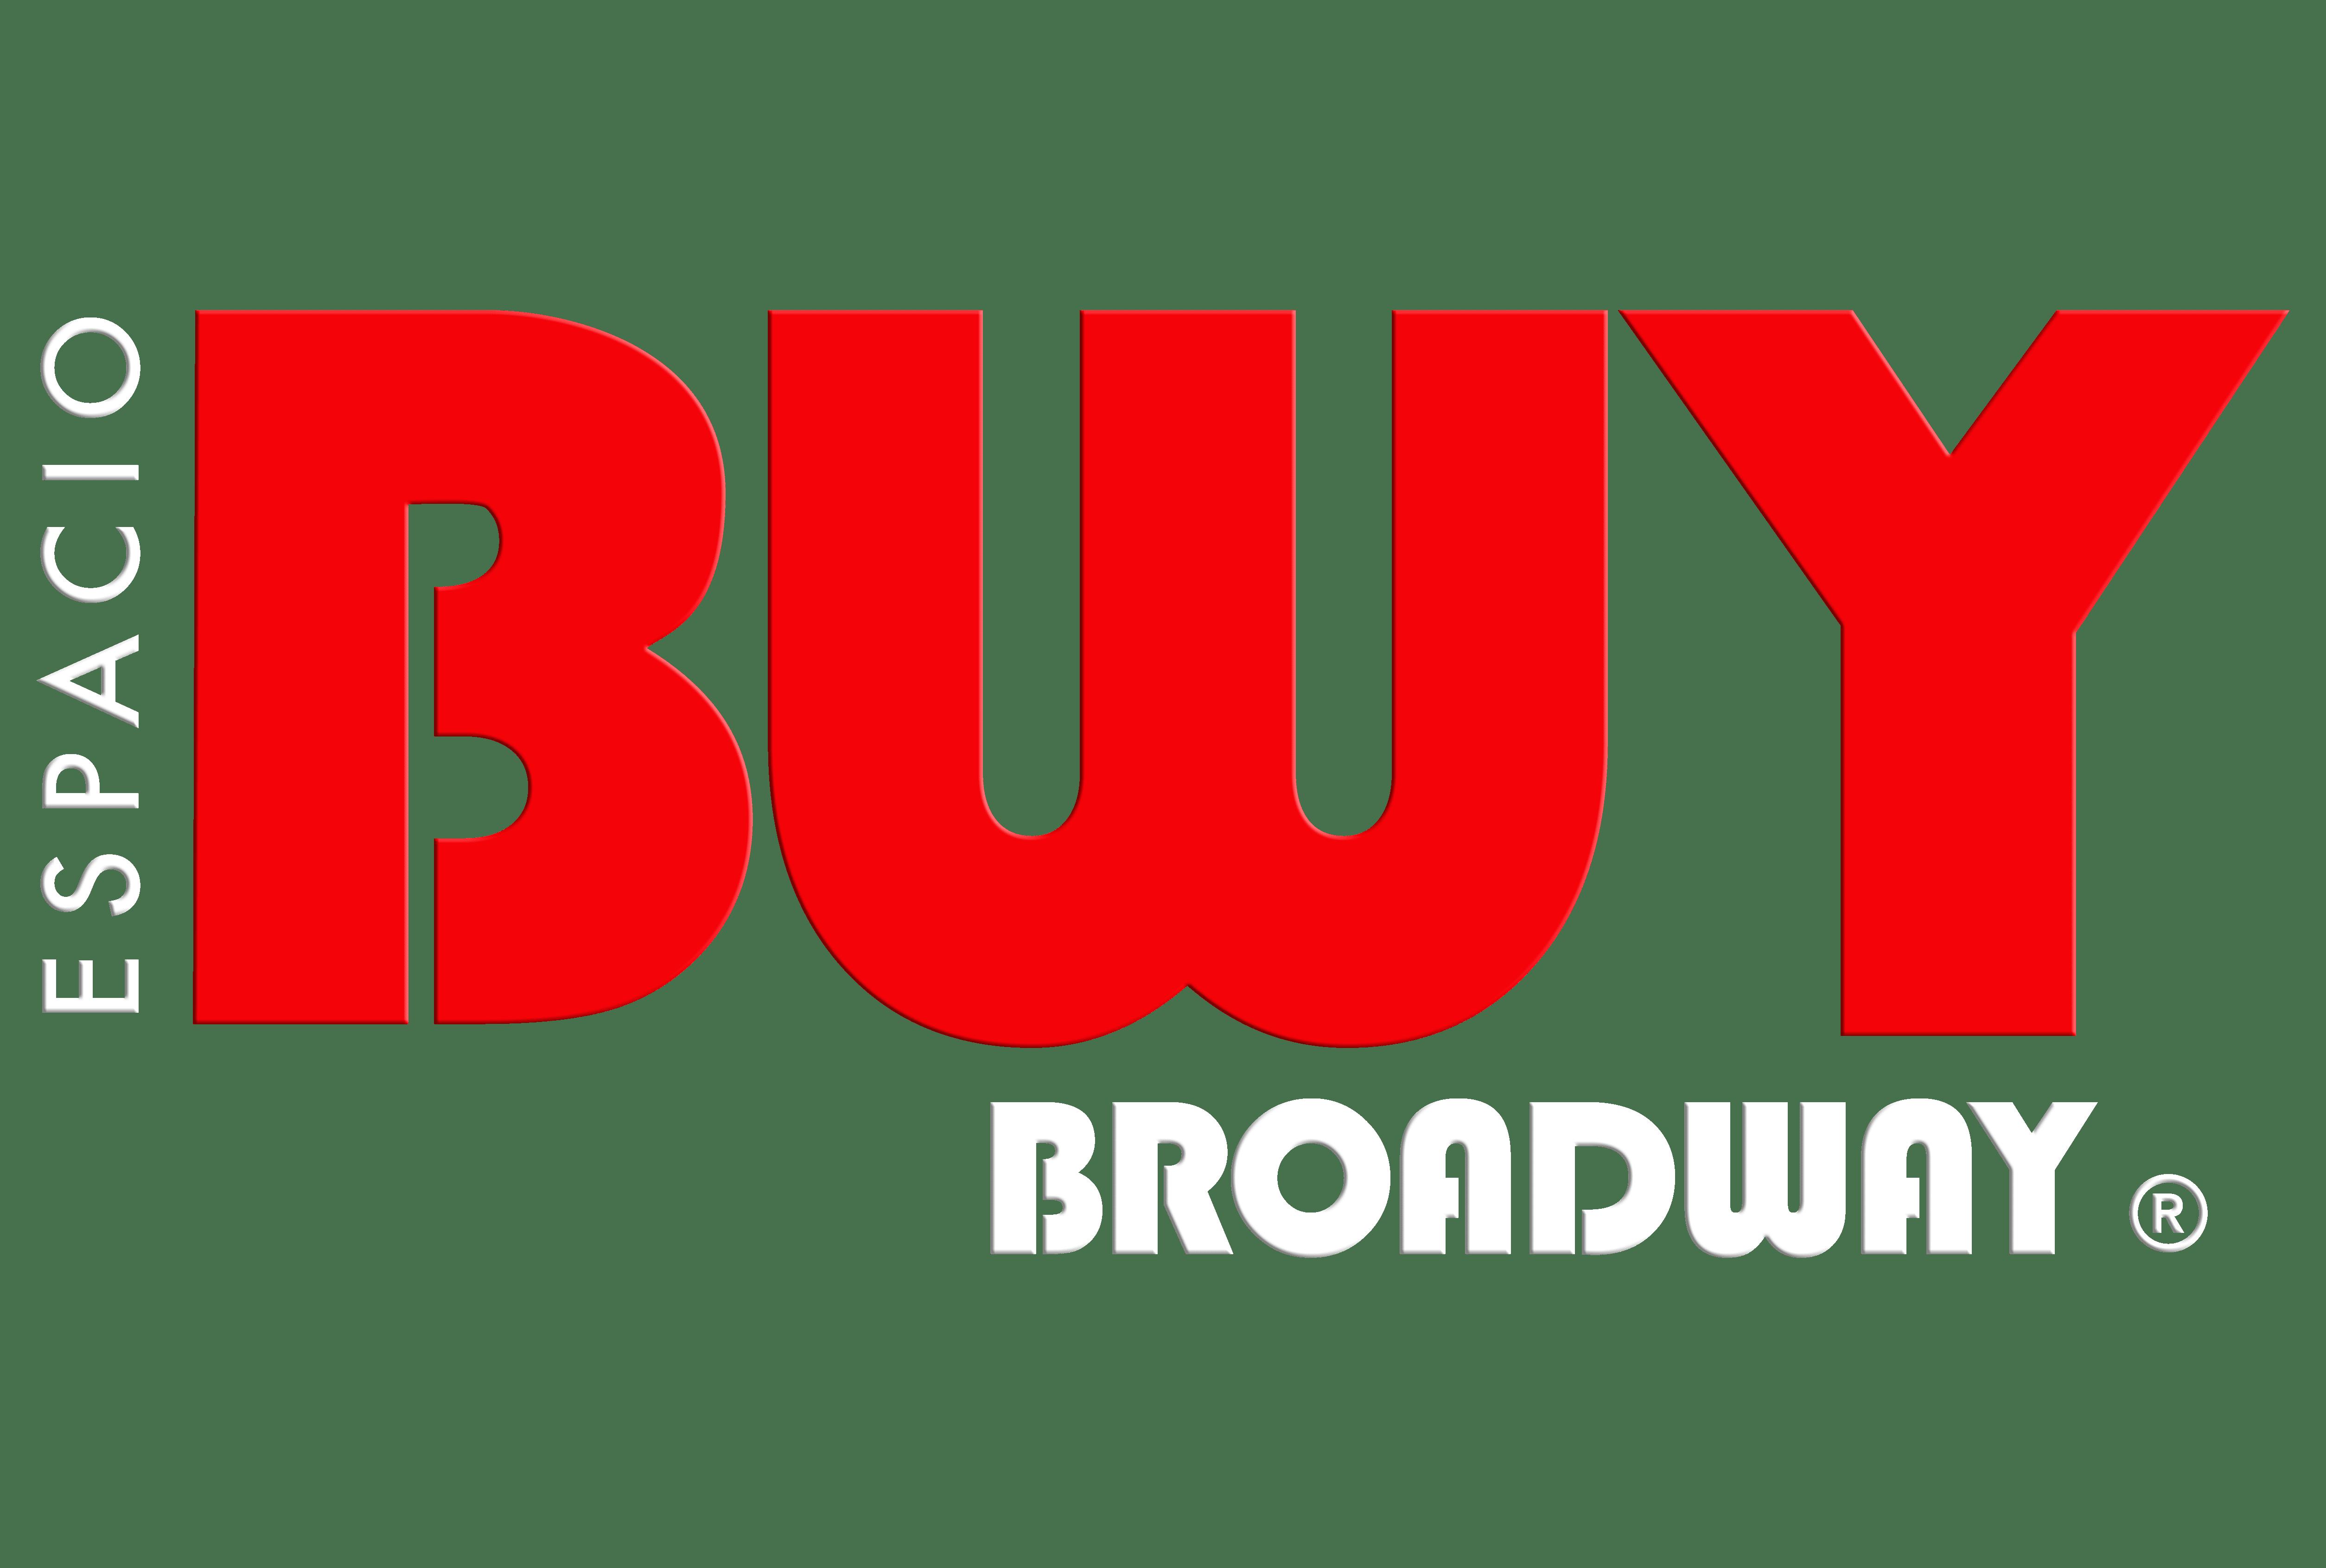 Espacio Broadway